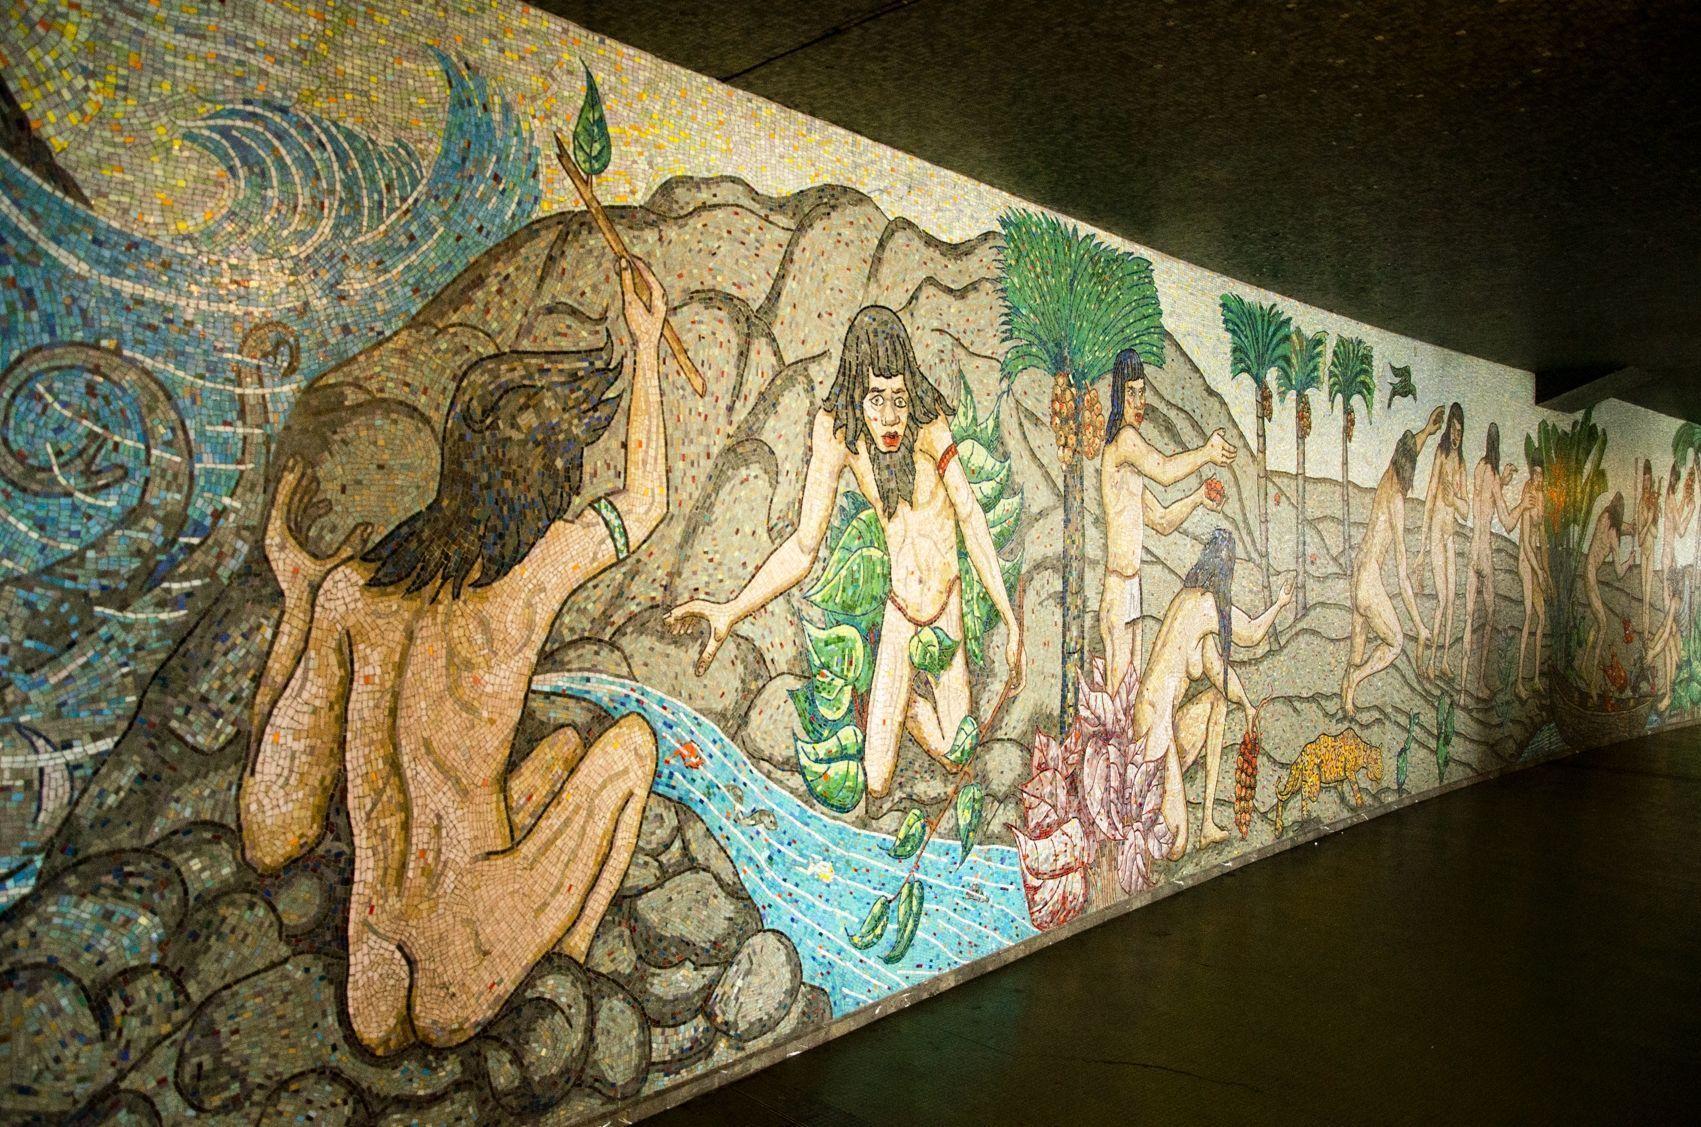 Amalivaca nos cuenta un mito desde el corazón de Caracas